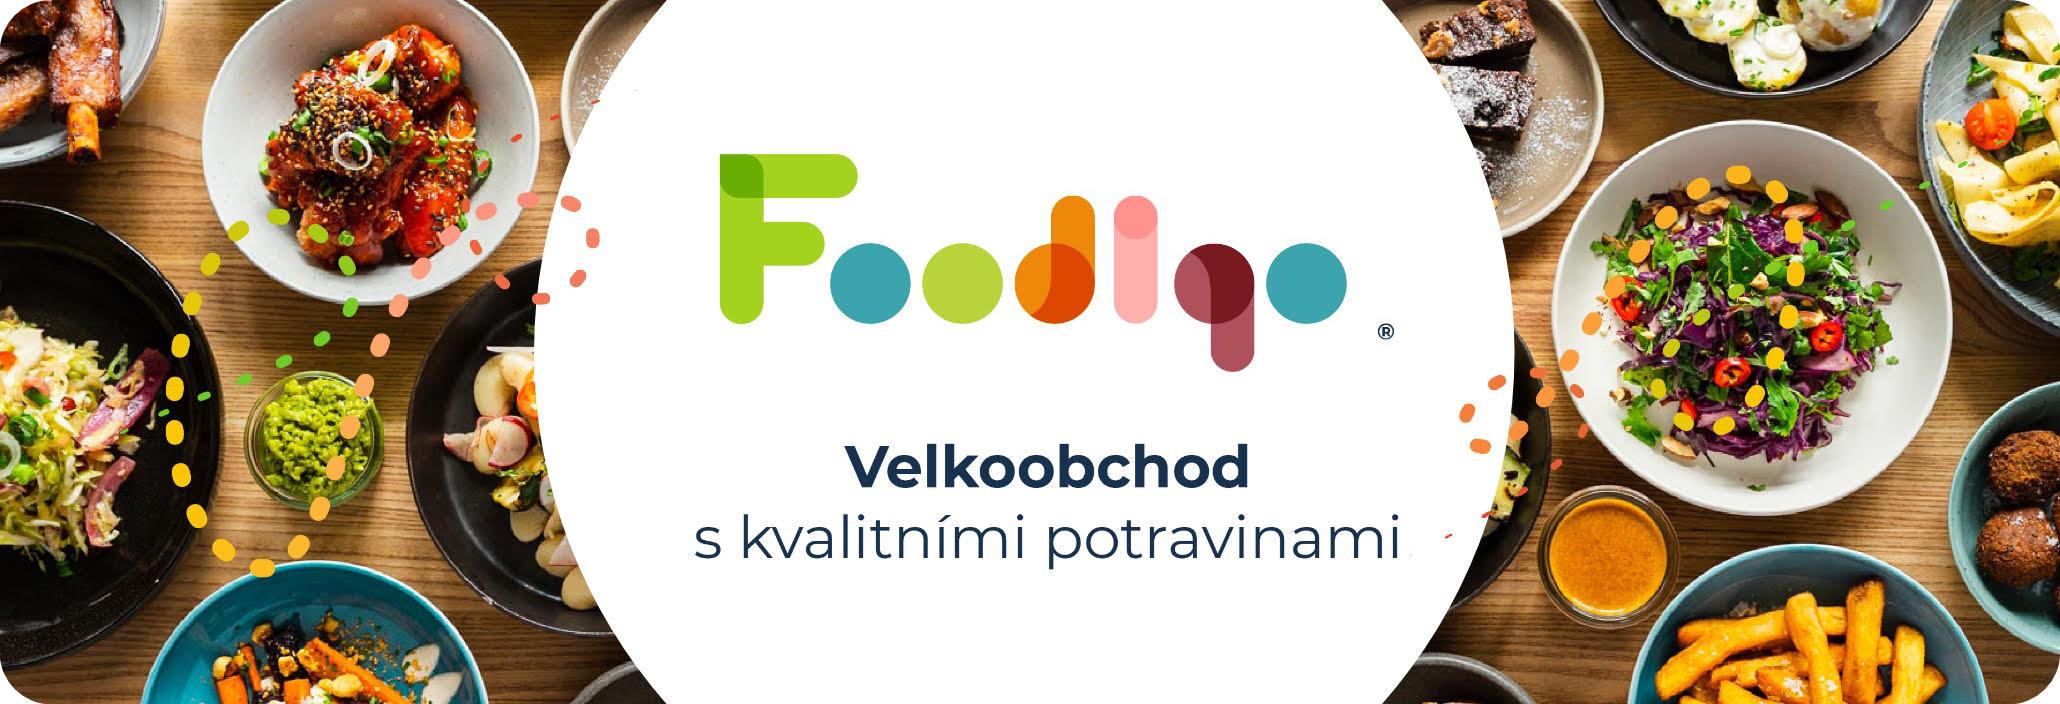 Velkoobchod s kvalitními potravinami